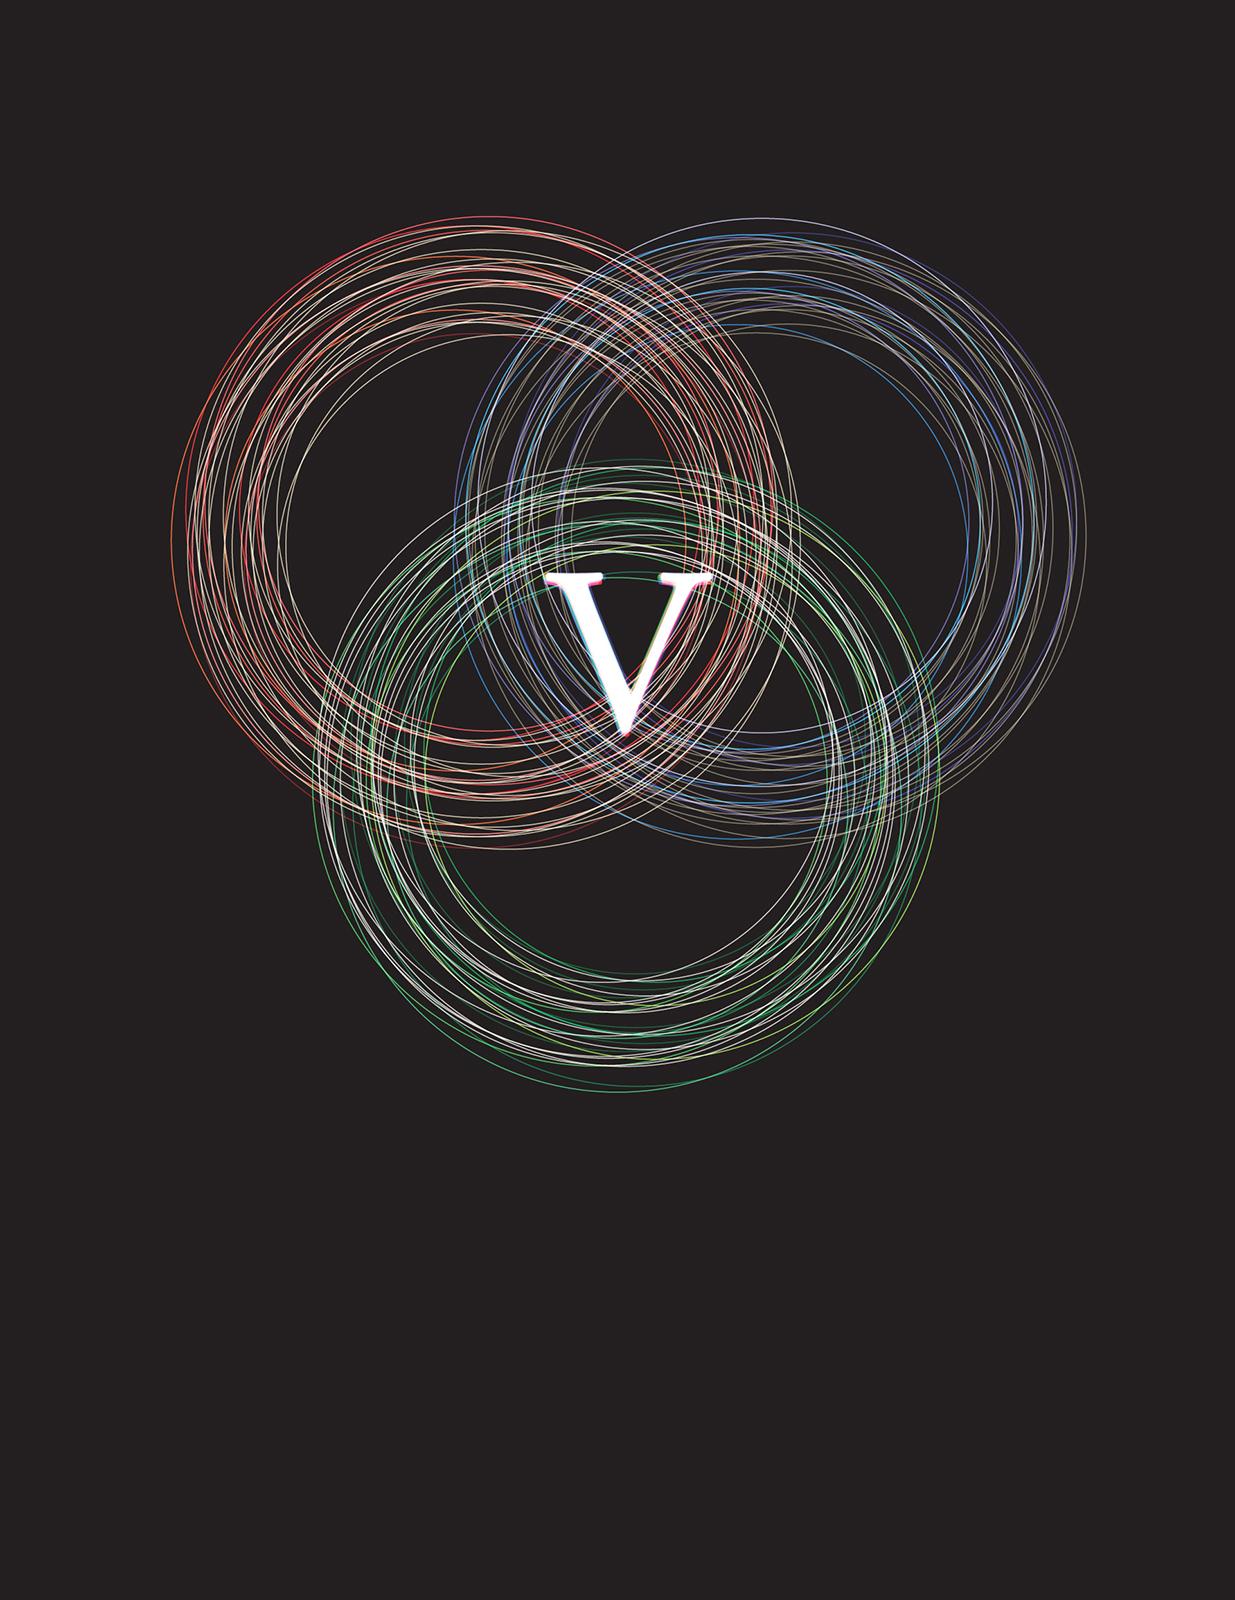 incircles_demo3.jpg